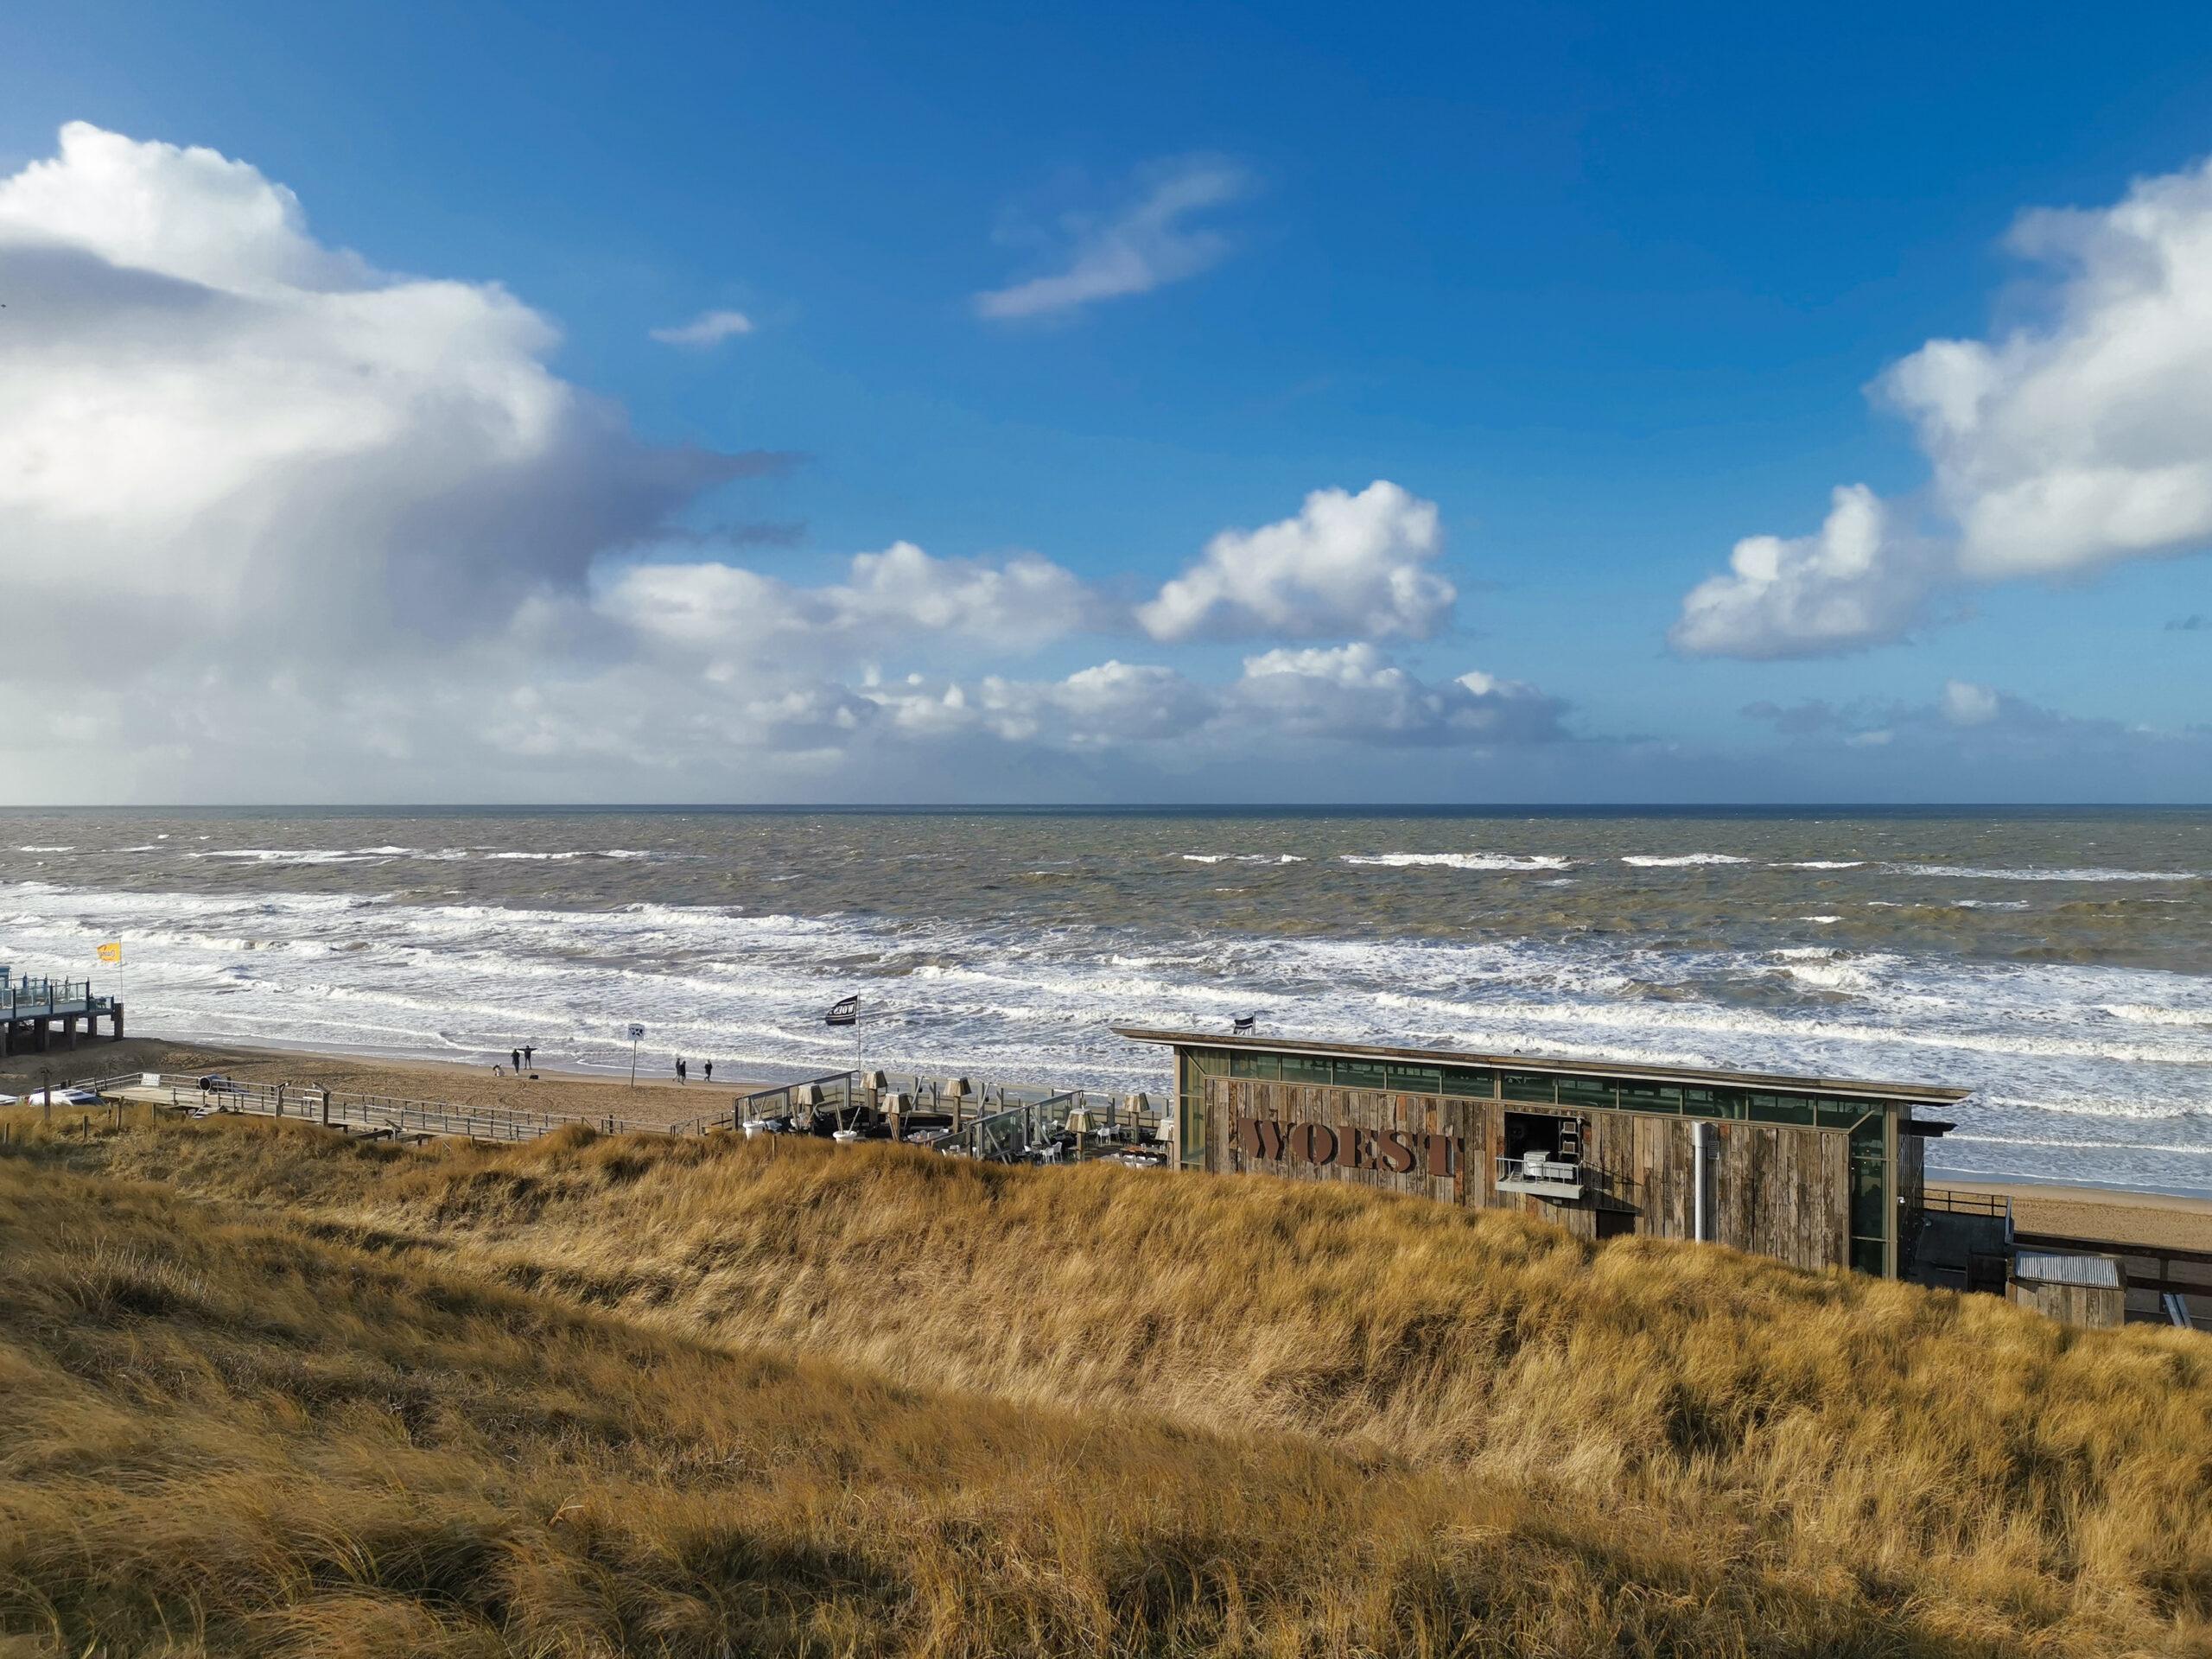 Meerblick mit Blick auf Strandpavillon Woest